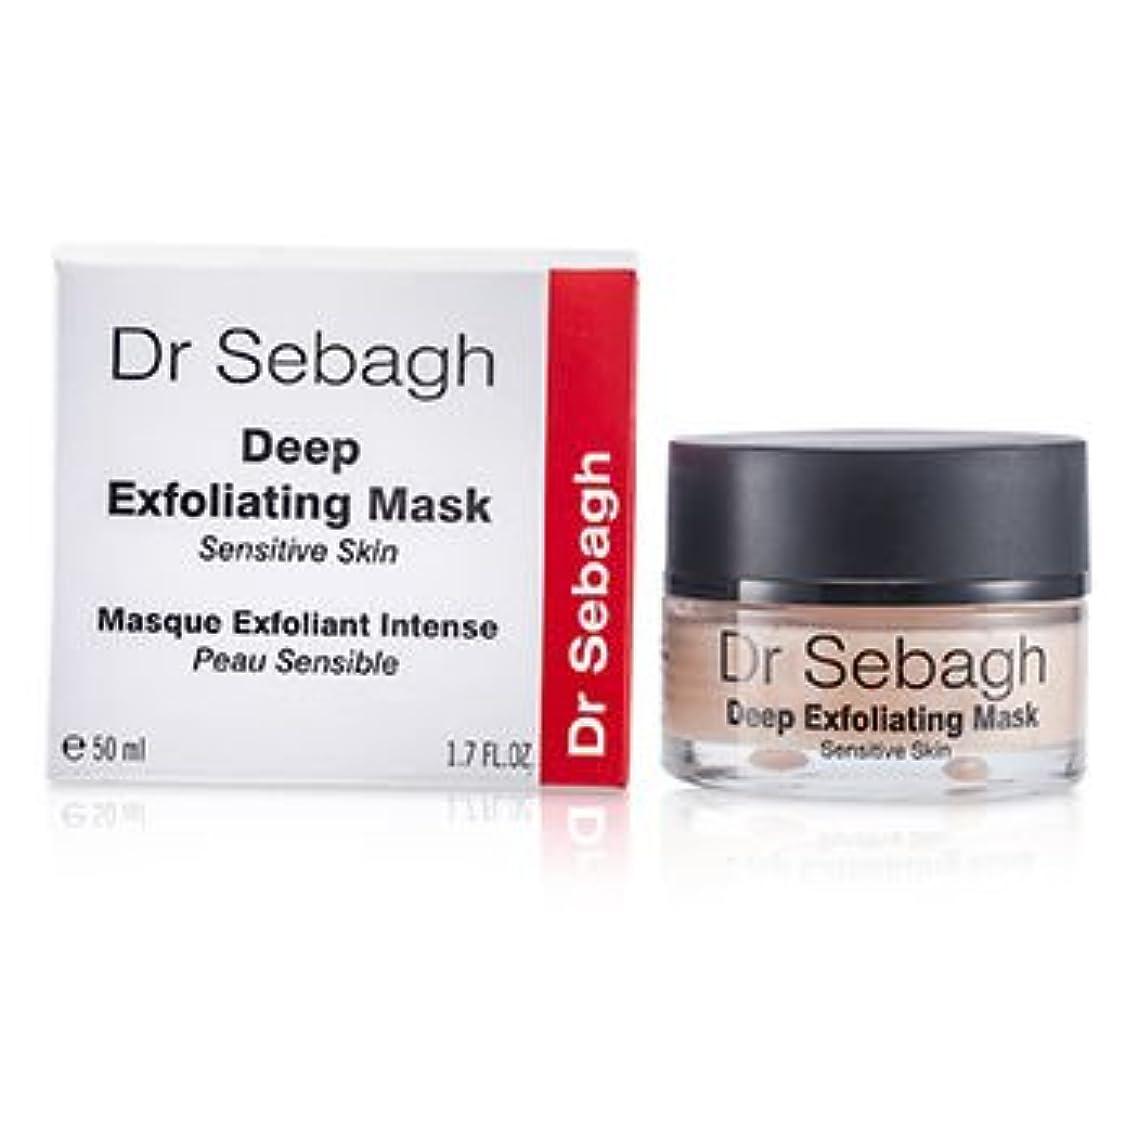 癒すゼロ適応するドクターセバーグ ディープ エクスフォリエイティング マスク - 敏感肌 50ml/1.7oz並行輸入品